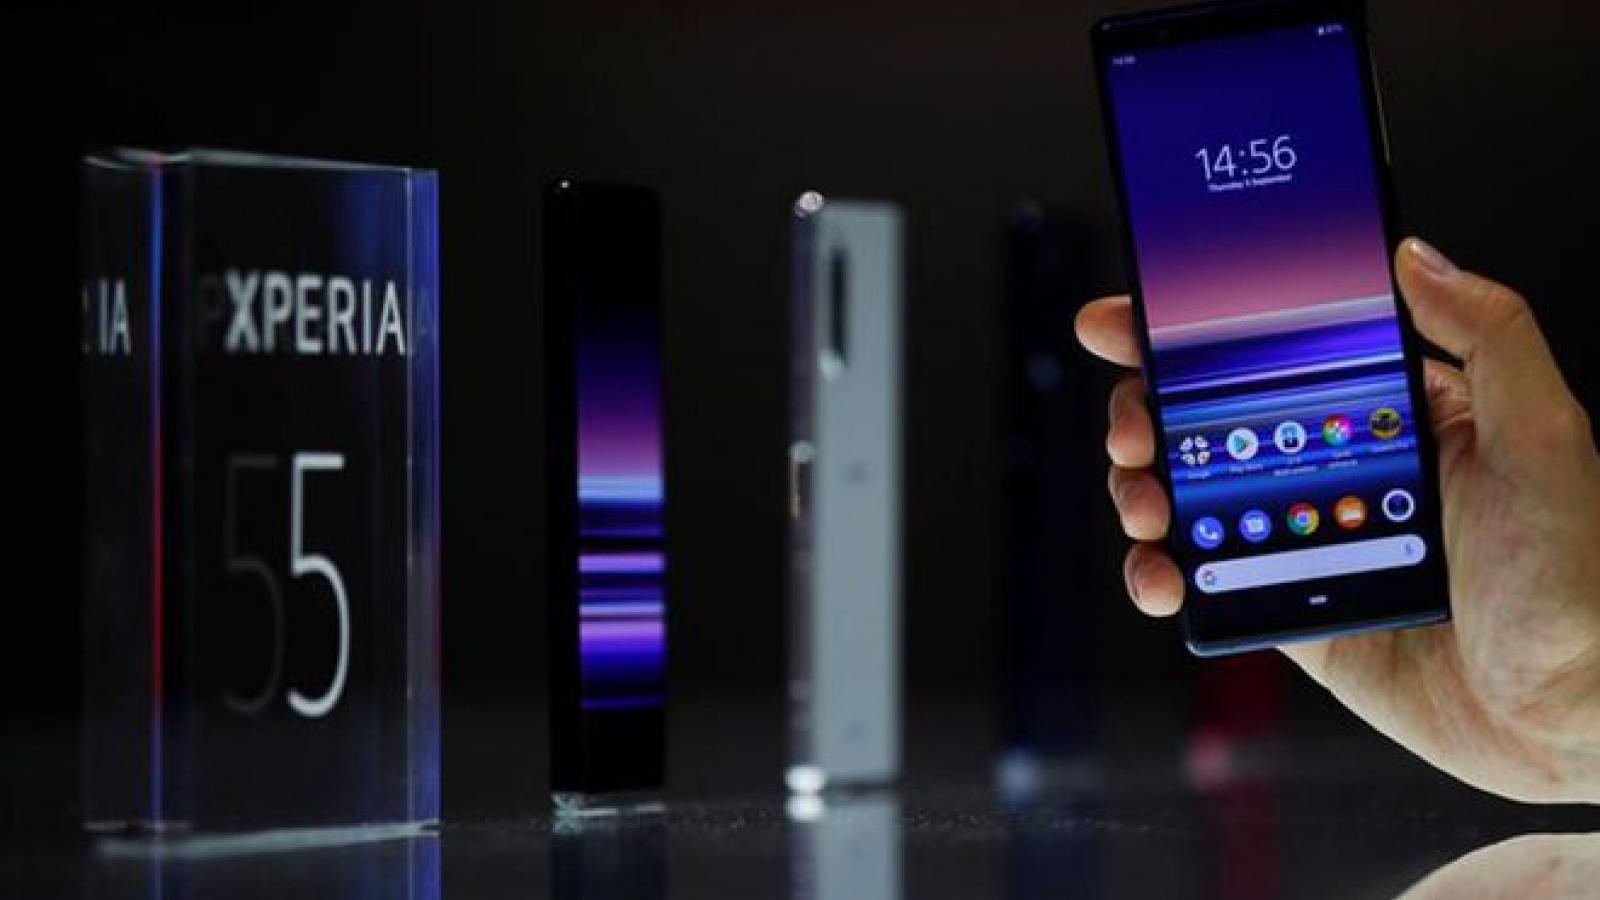 Sony bán được 1 triệu smartphone Xperia trong quý 4/2020